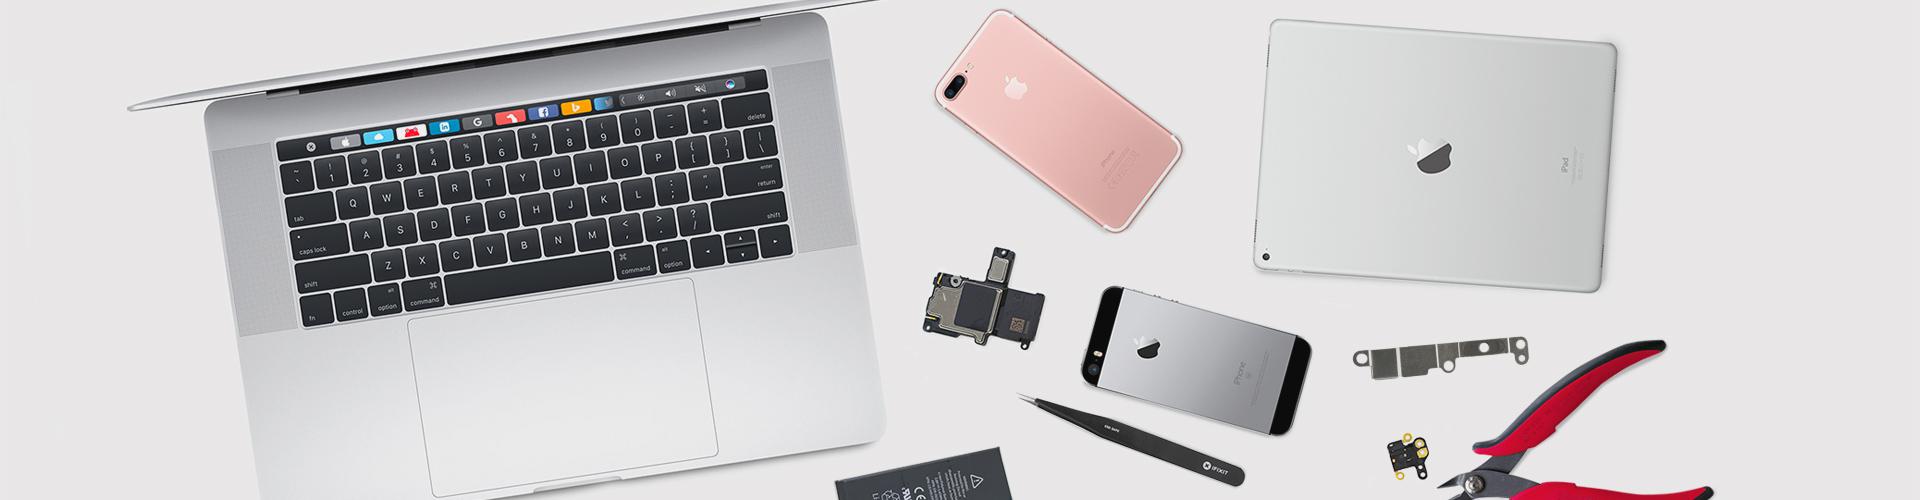 обучение ремонта продукции apple